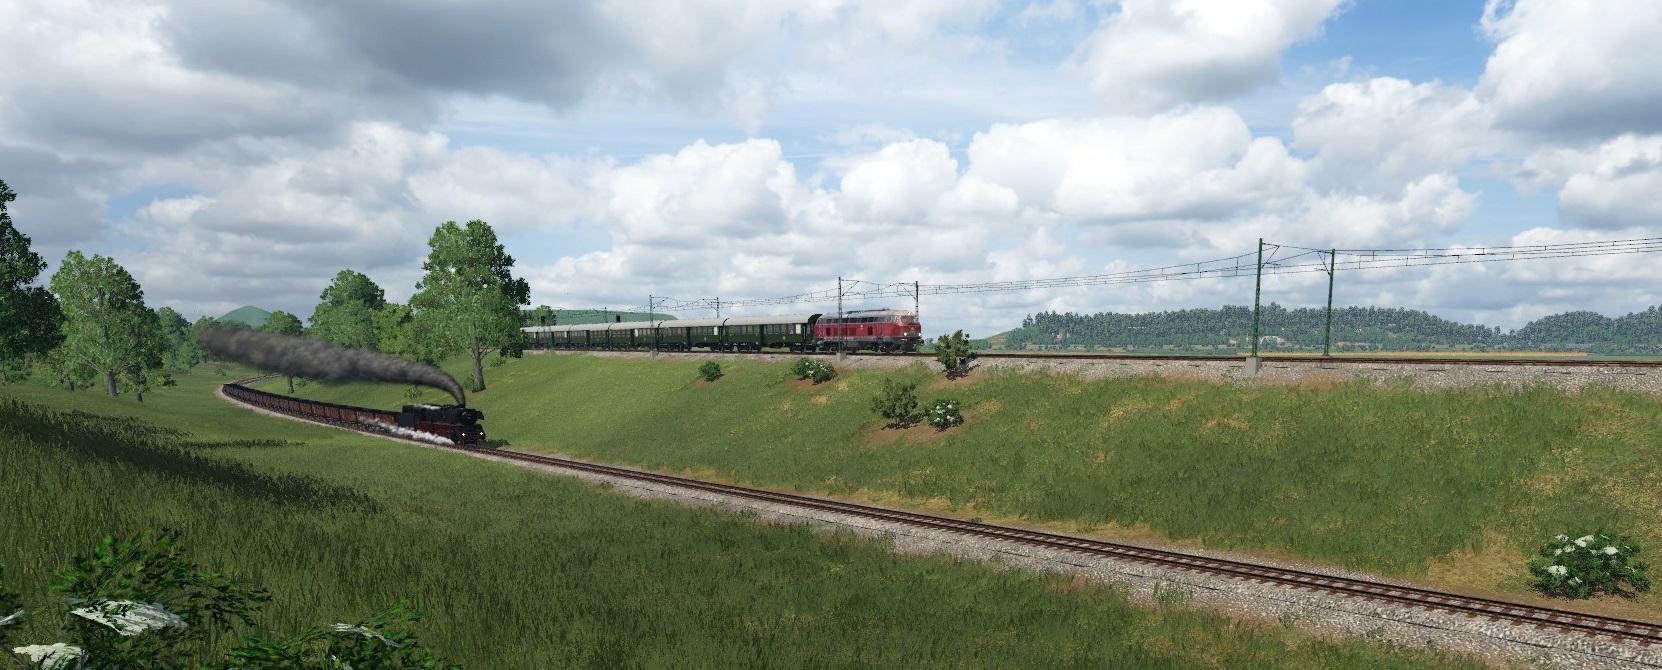 Impressionen eines Trainspotters ;)